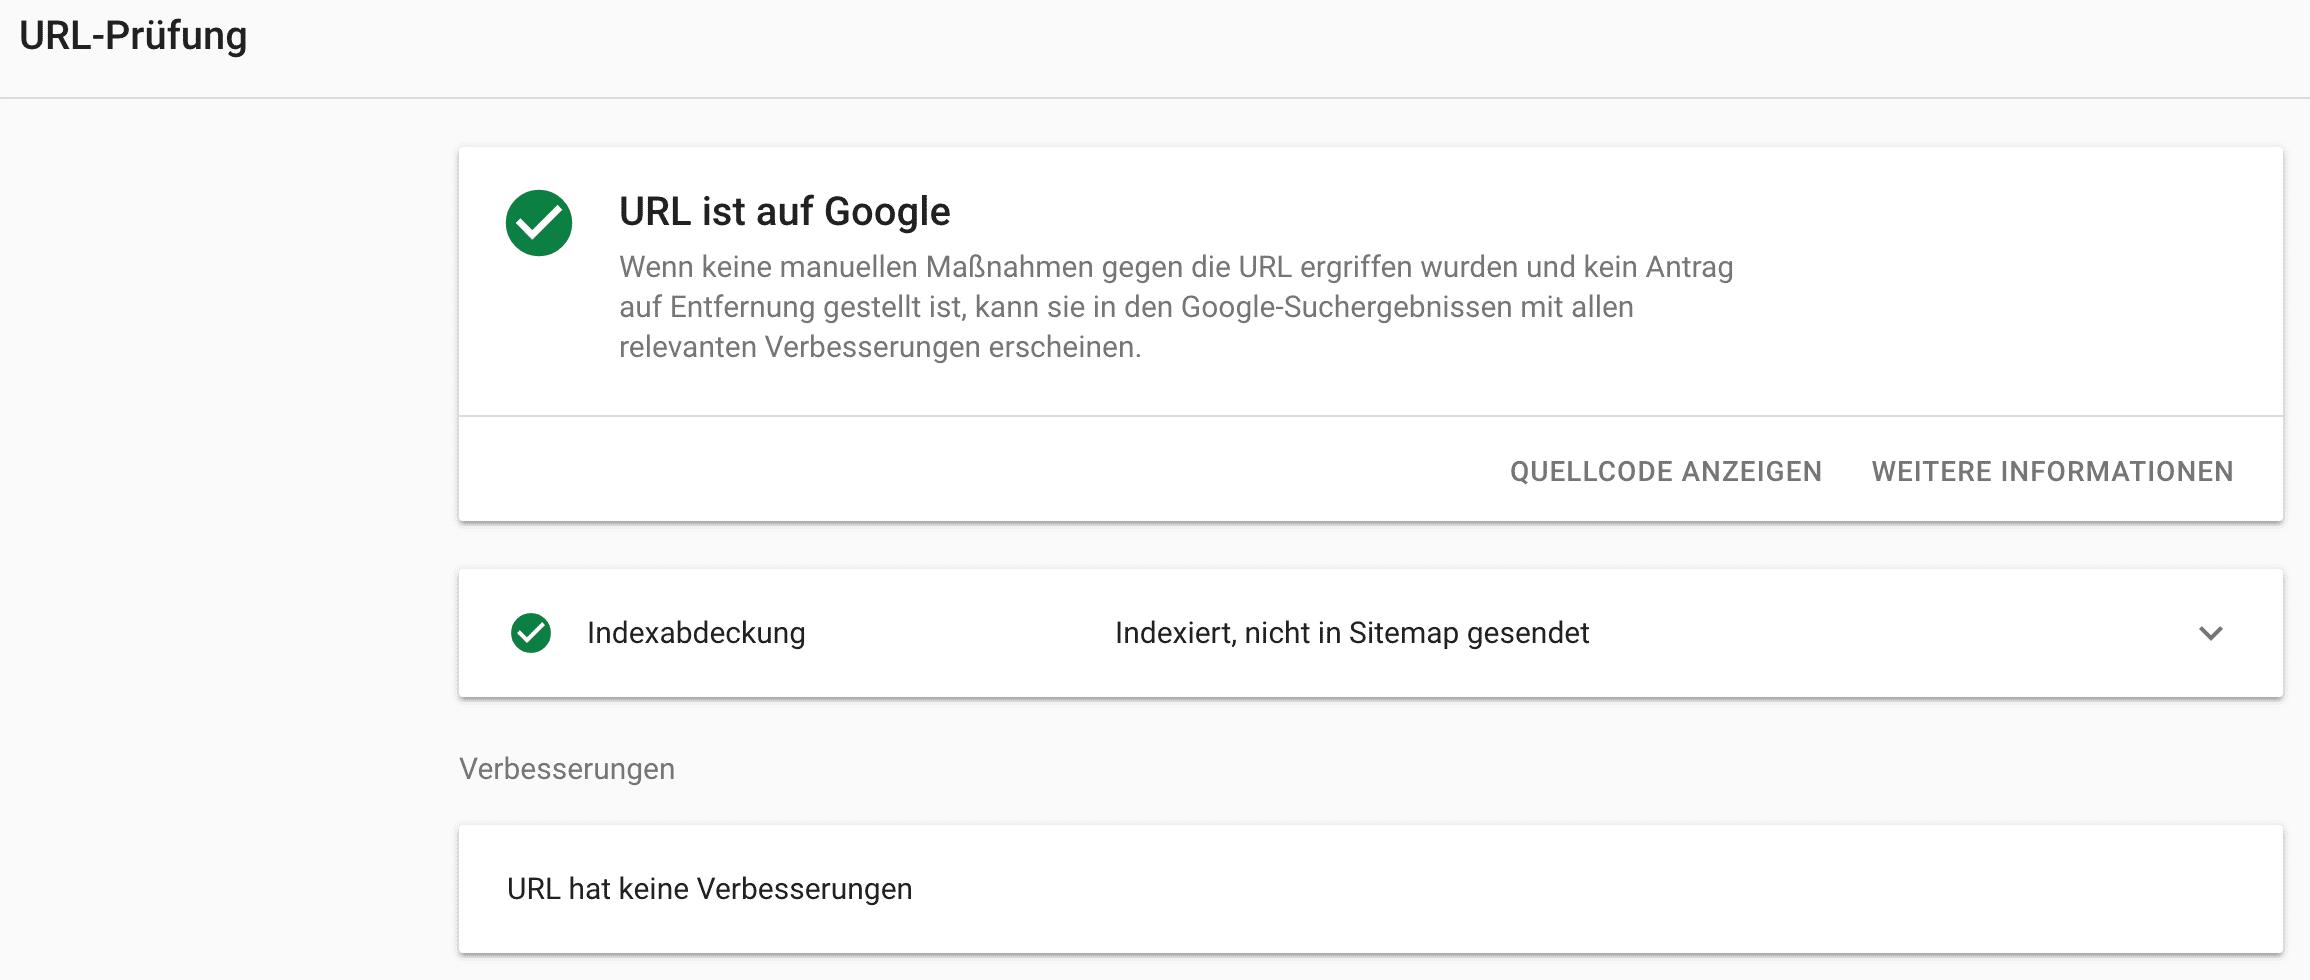 URL-Prüfung - Beispiel // Google Search Console